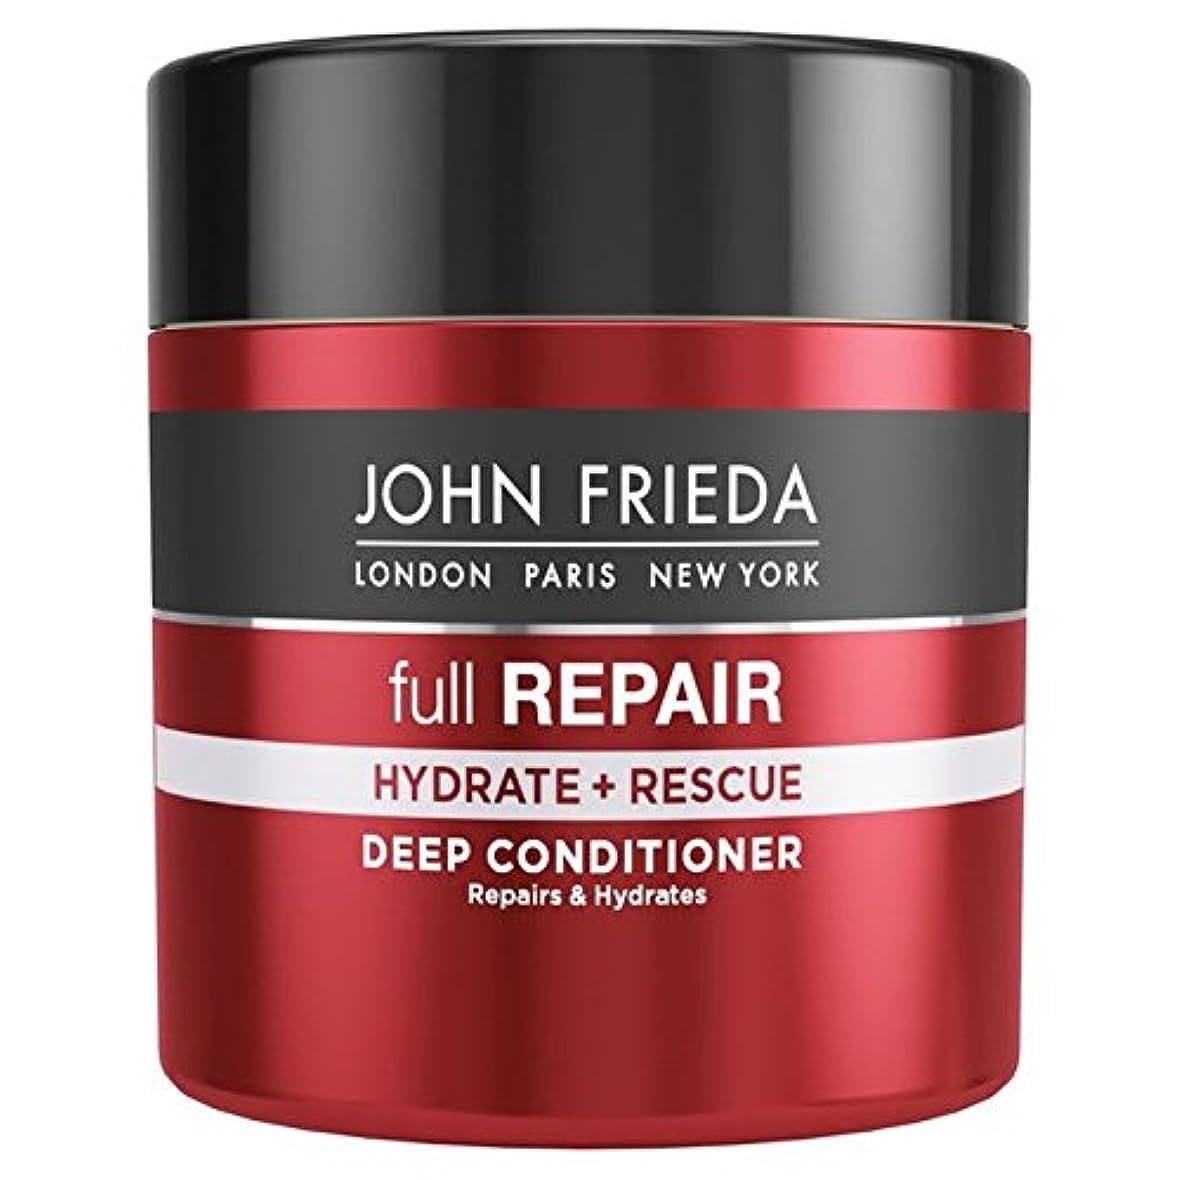 行口径先駆者ジョン?フリーダフルリペアインテンシブトリートメントマスク150ミリリットル x2 - John Frieda Full Repair Intensive Treatment Mask 150ml (Pack of 2) [並行輸入品]